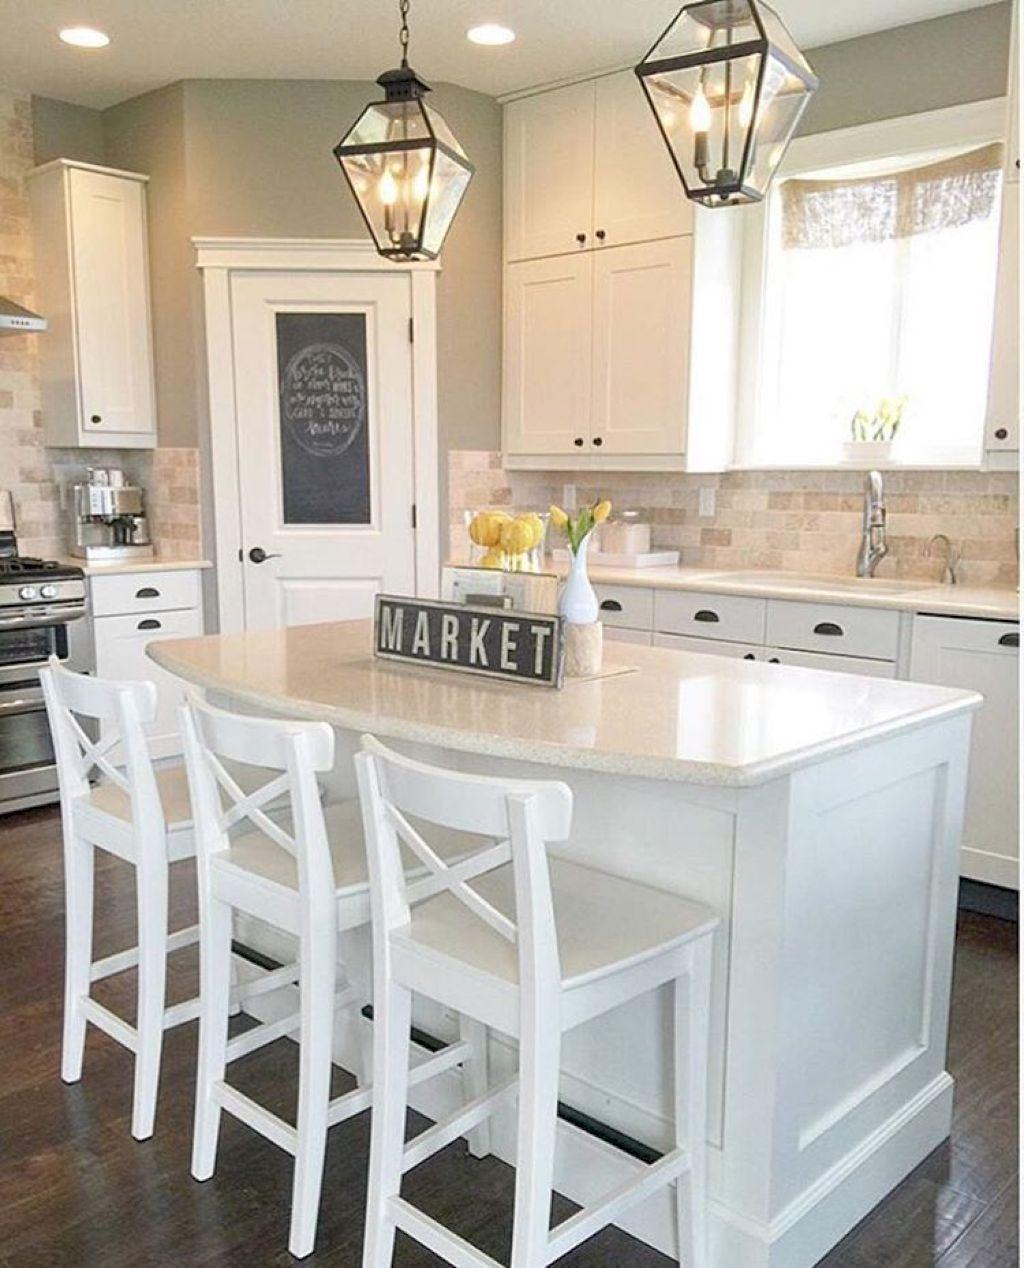 05 Luxury White Kitchen Cabinets Design Ideas